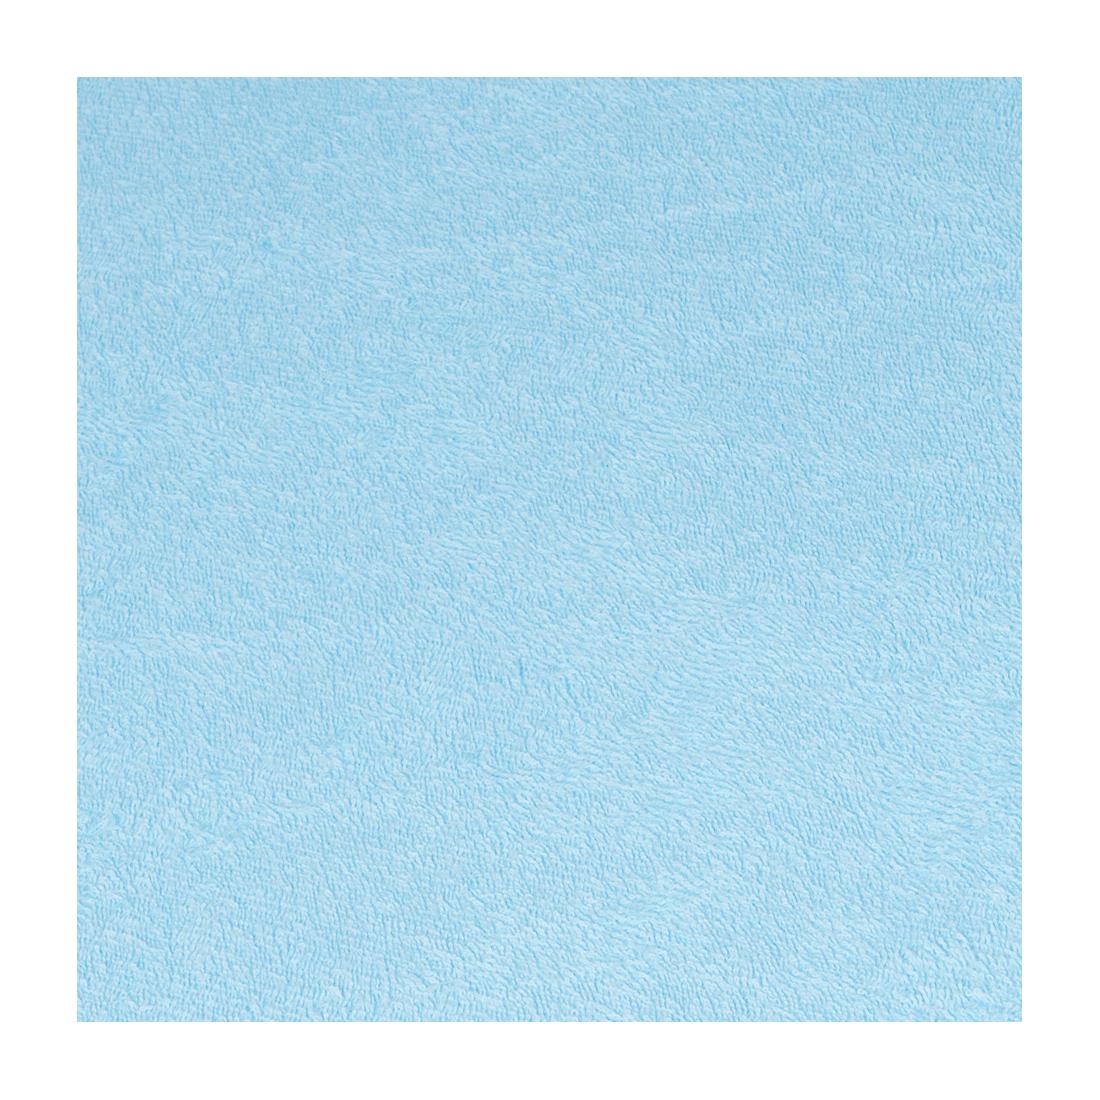 NP froté půlválec  15x50 VISCO m, modrá